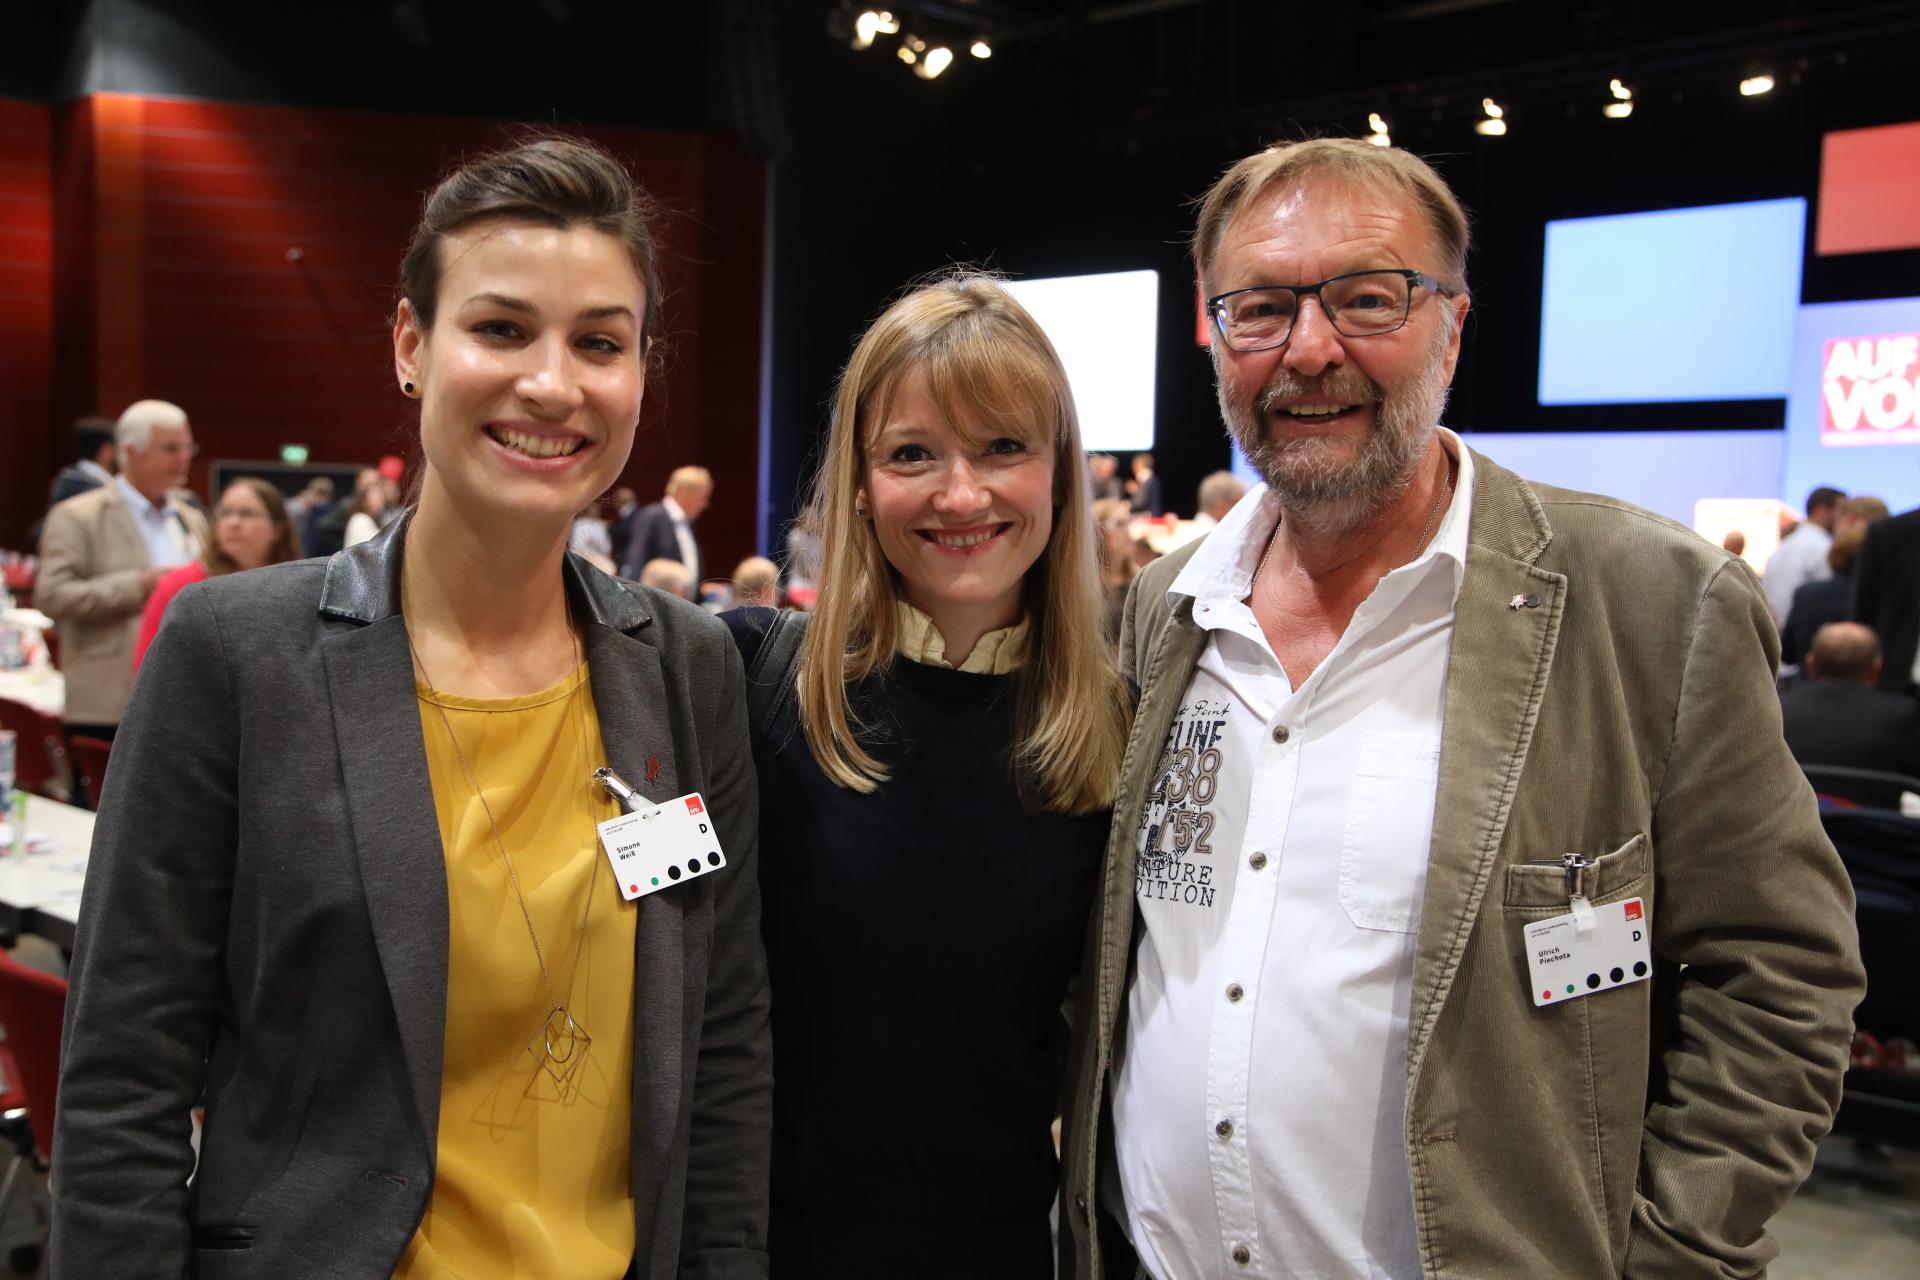 Gruppenfoto von 3 Delegierten auf dem Landesparteitag